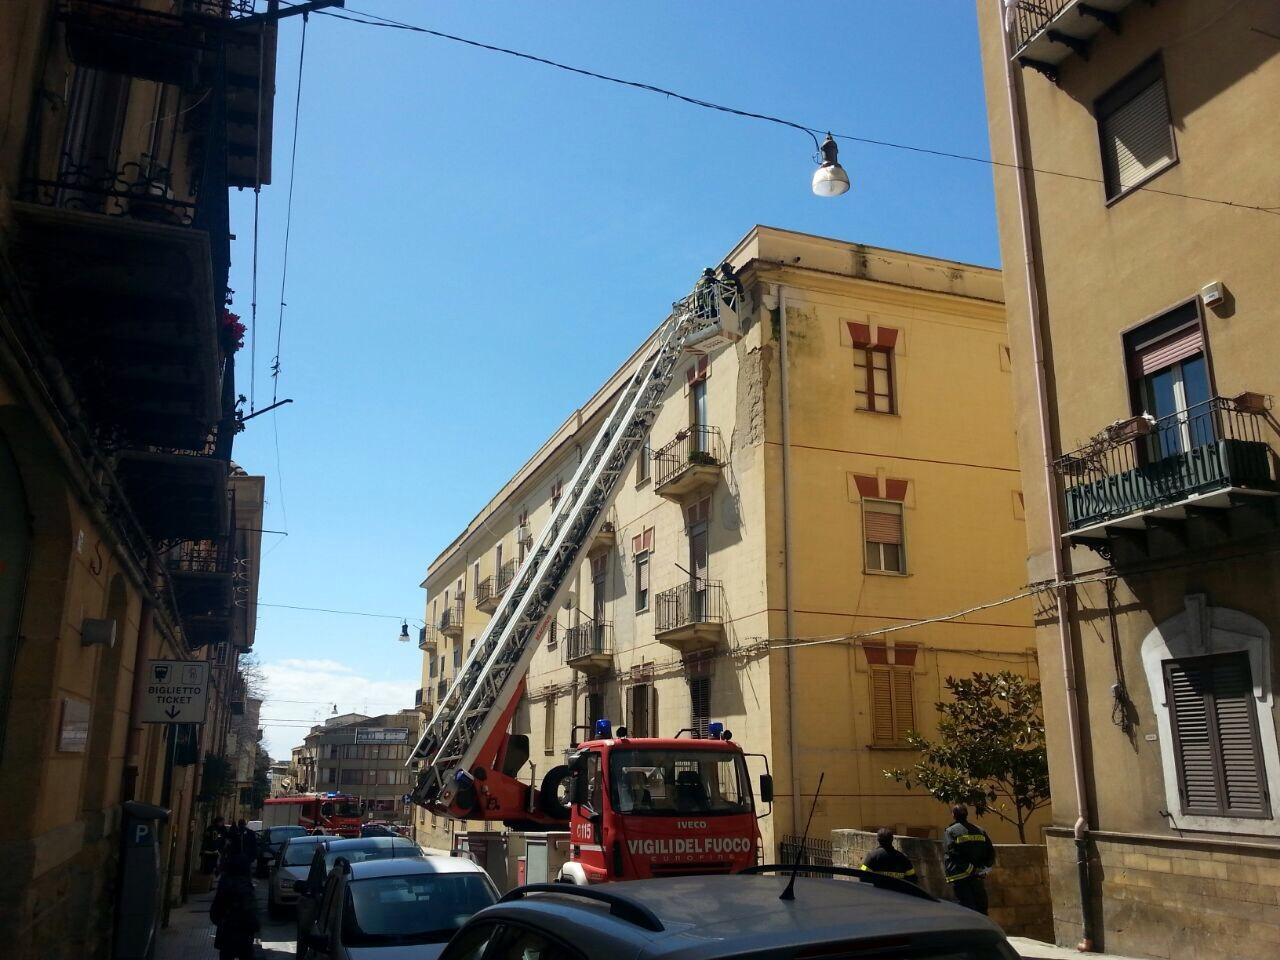 Cornicione caduto in via elena vigili del fuoco - Cornicione casa ...